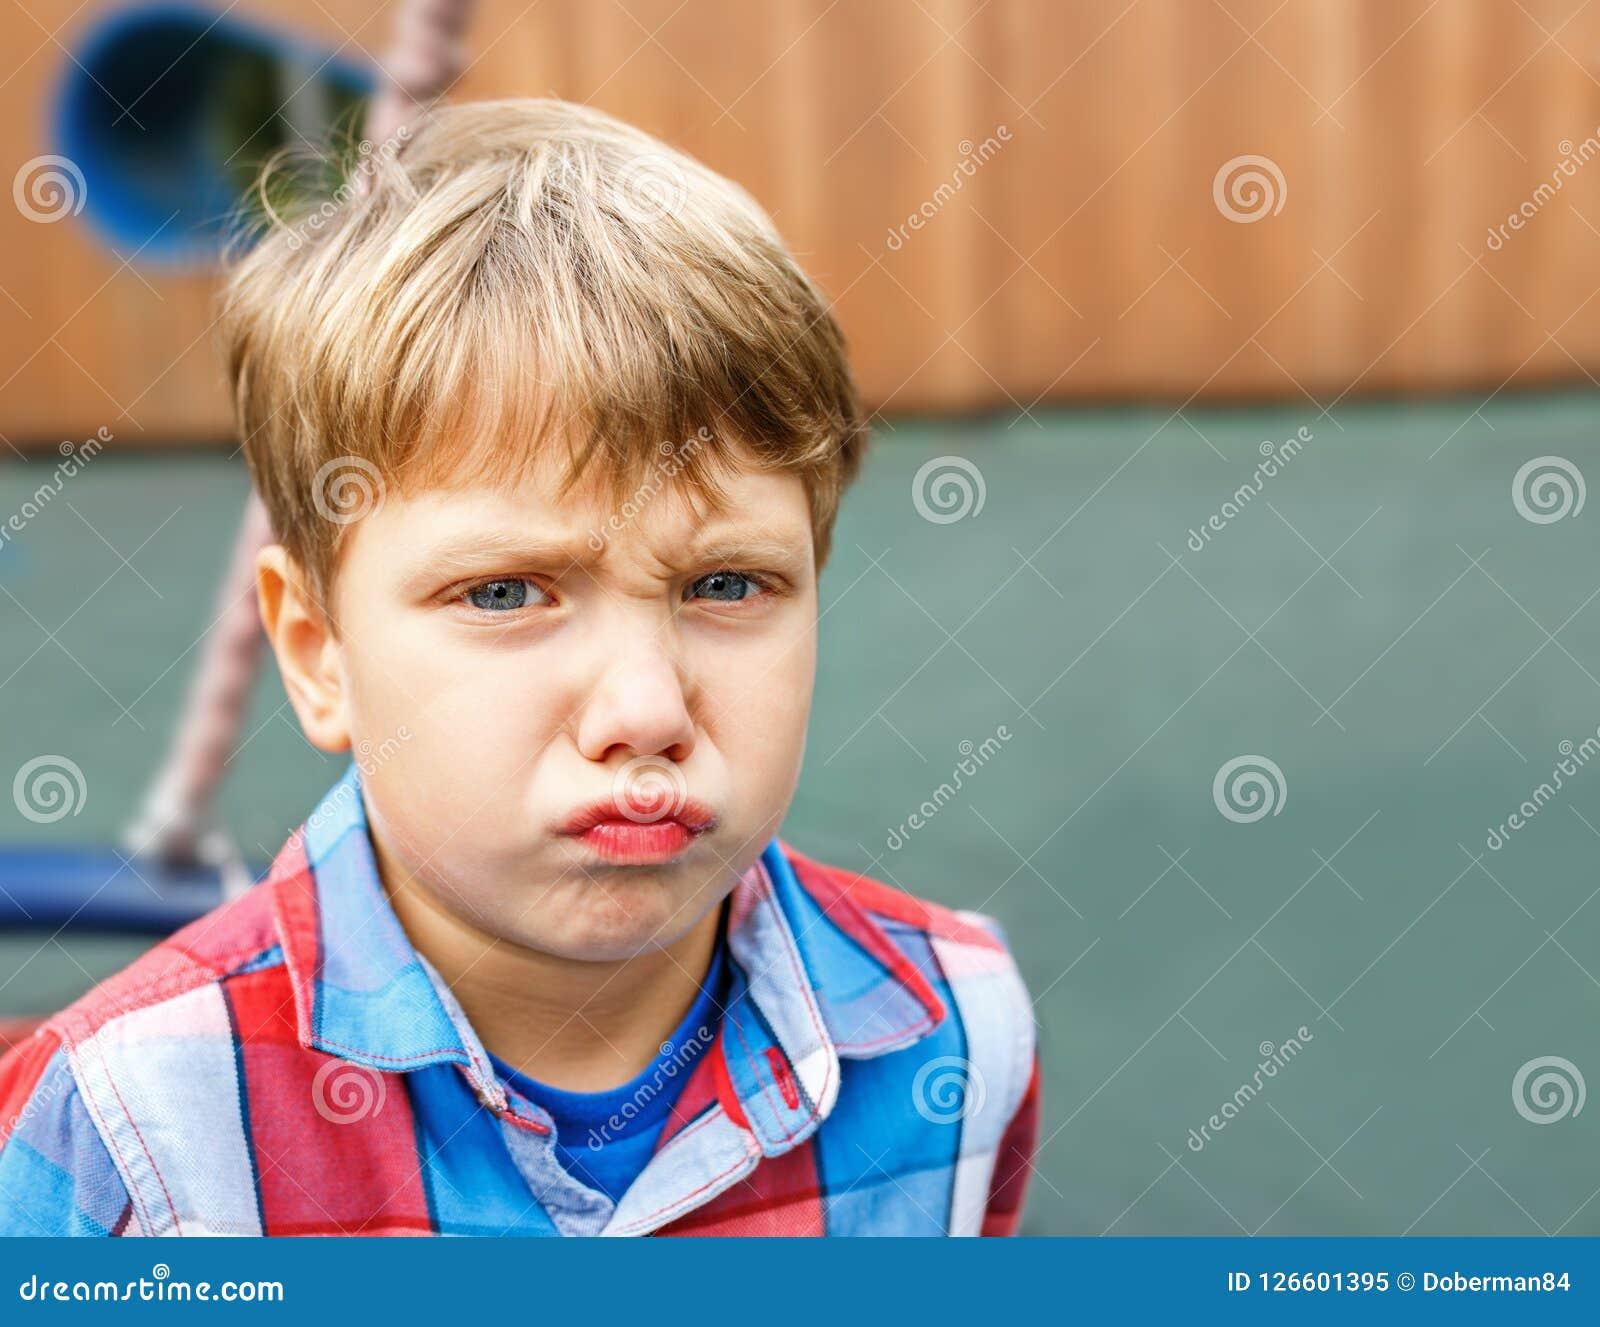 Retrato do close up de um bebê que faz uma cara engraçada